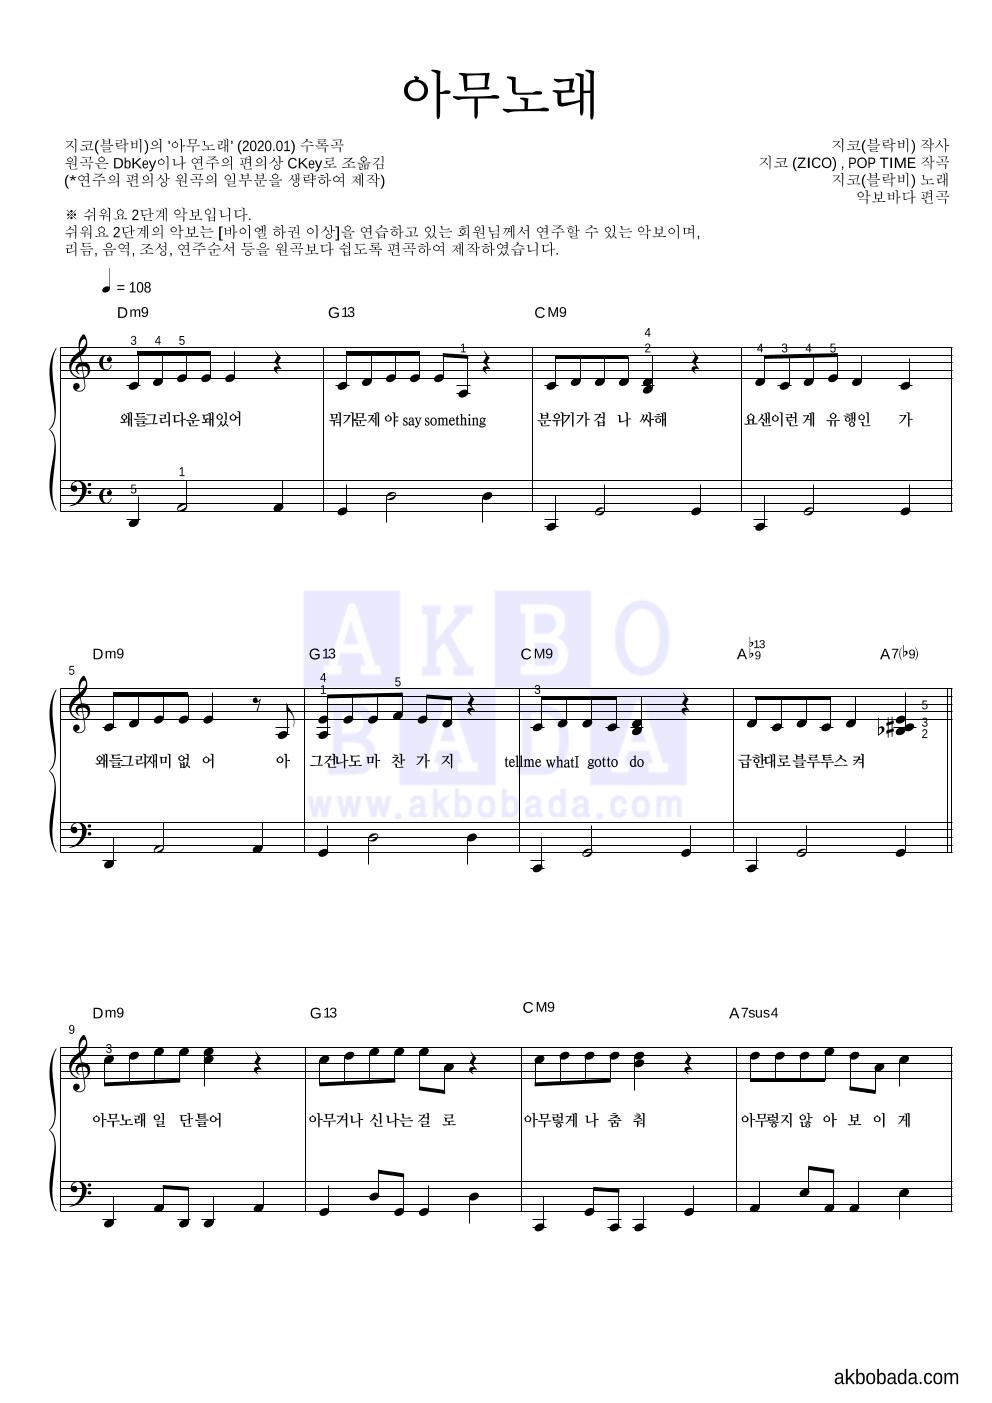 지코 - 아무노래 피아노2단-쉬워요 악보